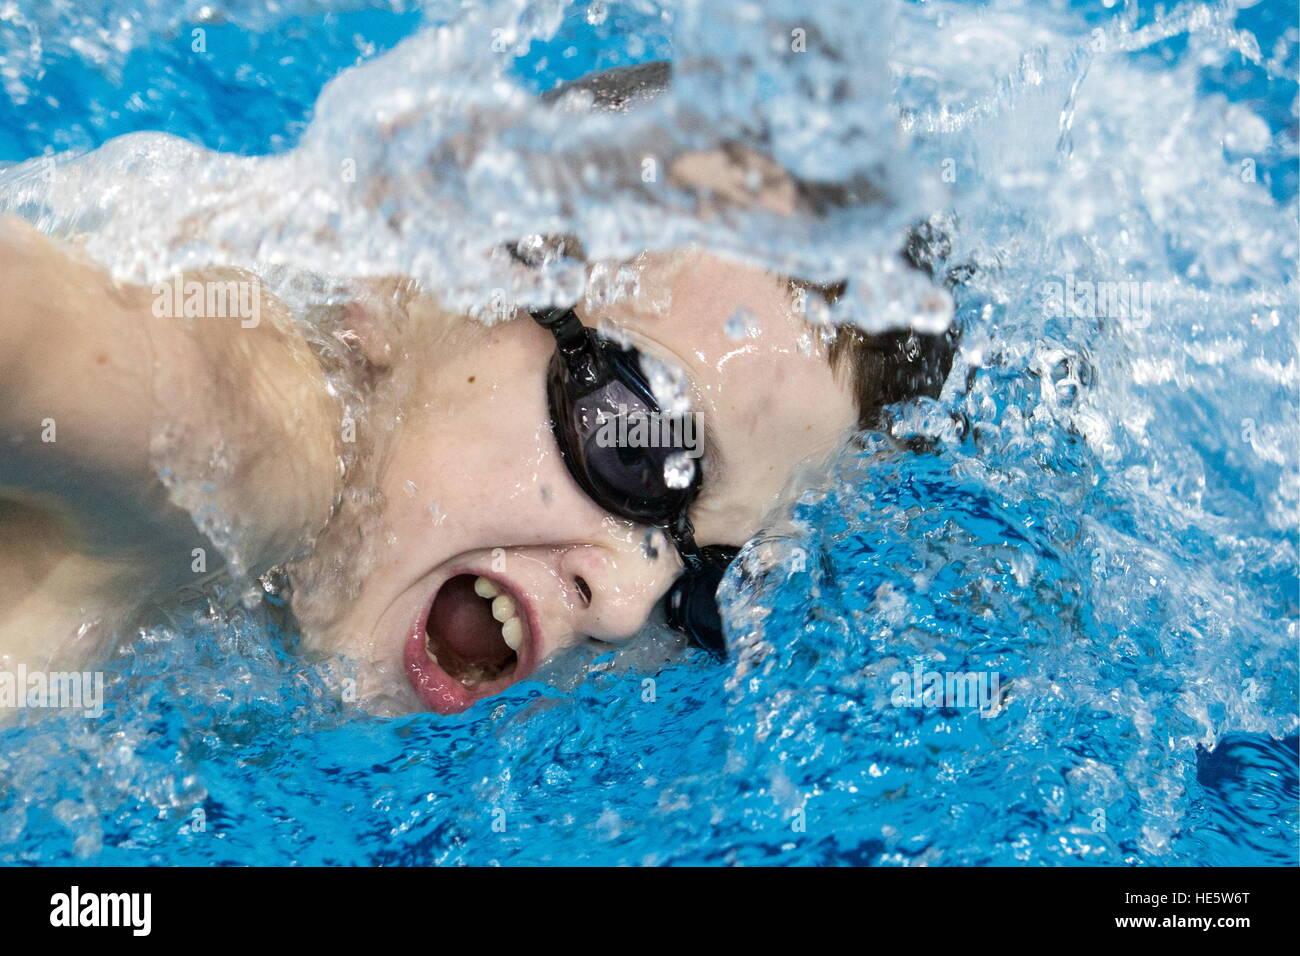 Omsk, Russie. 14Th Dec 2016. Un participant à une compétition de natation au Corps des cadets d'Omsk. © Dmitri Feoktistov/TASS/Alamy Live News Banque D'Images